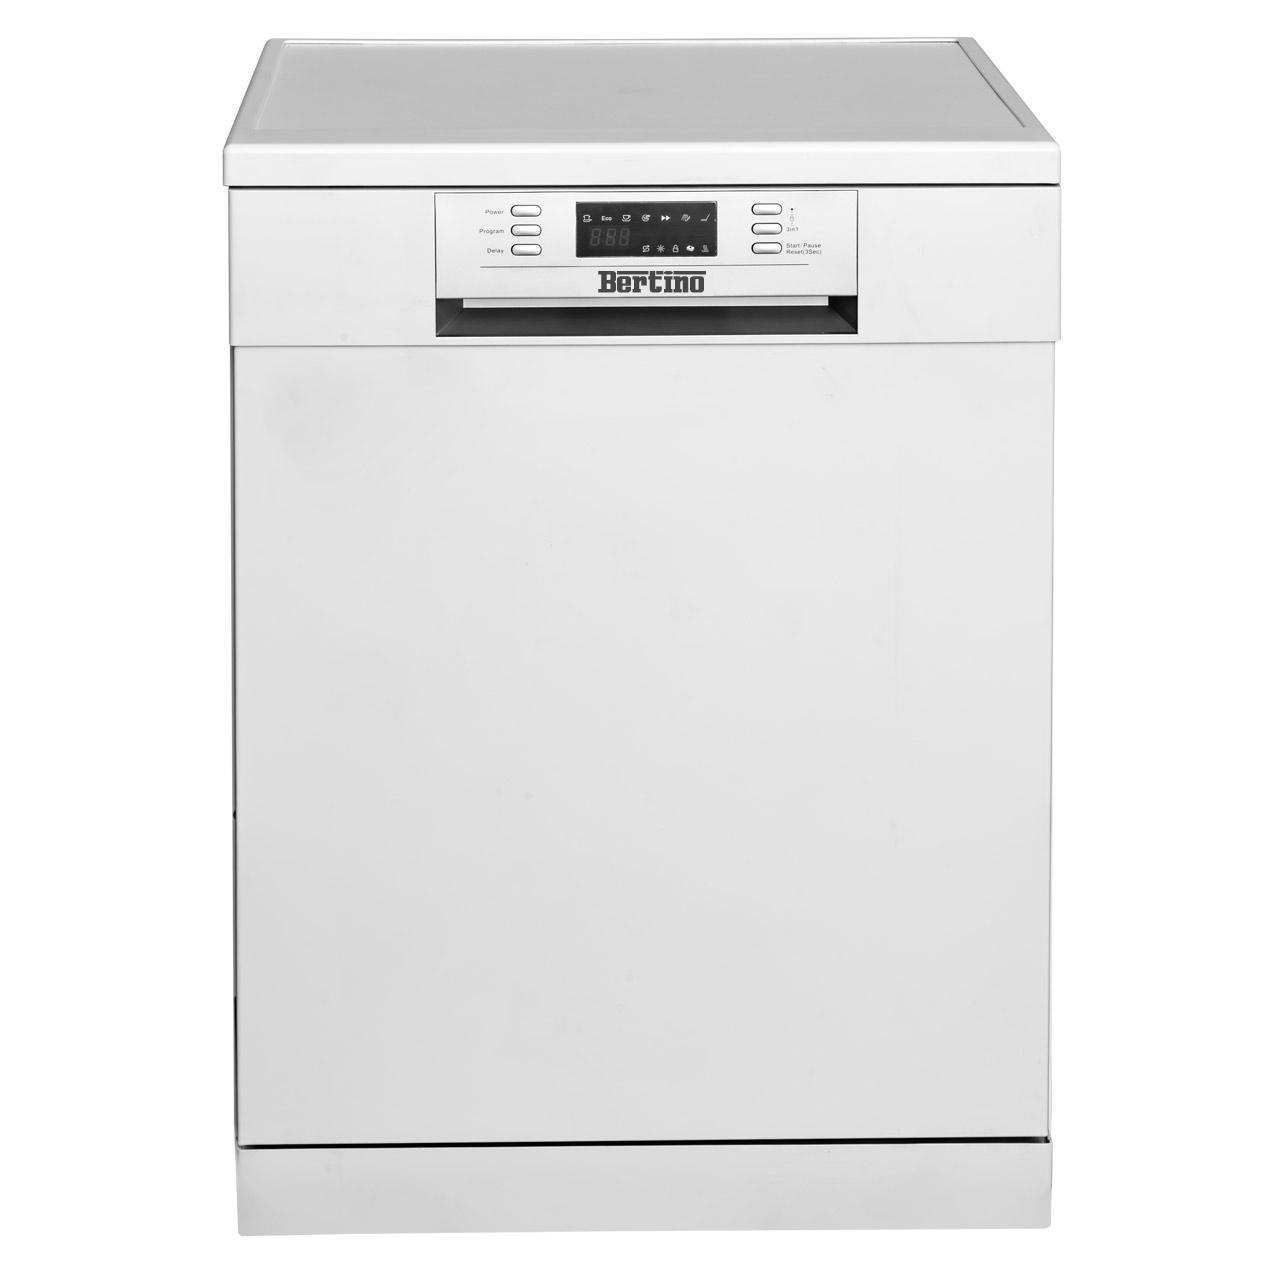 ماشین ظرفشویی برتینو مدل BWD1428